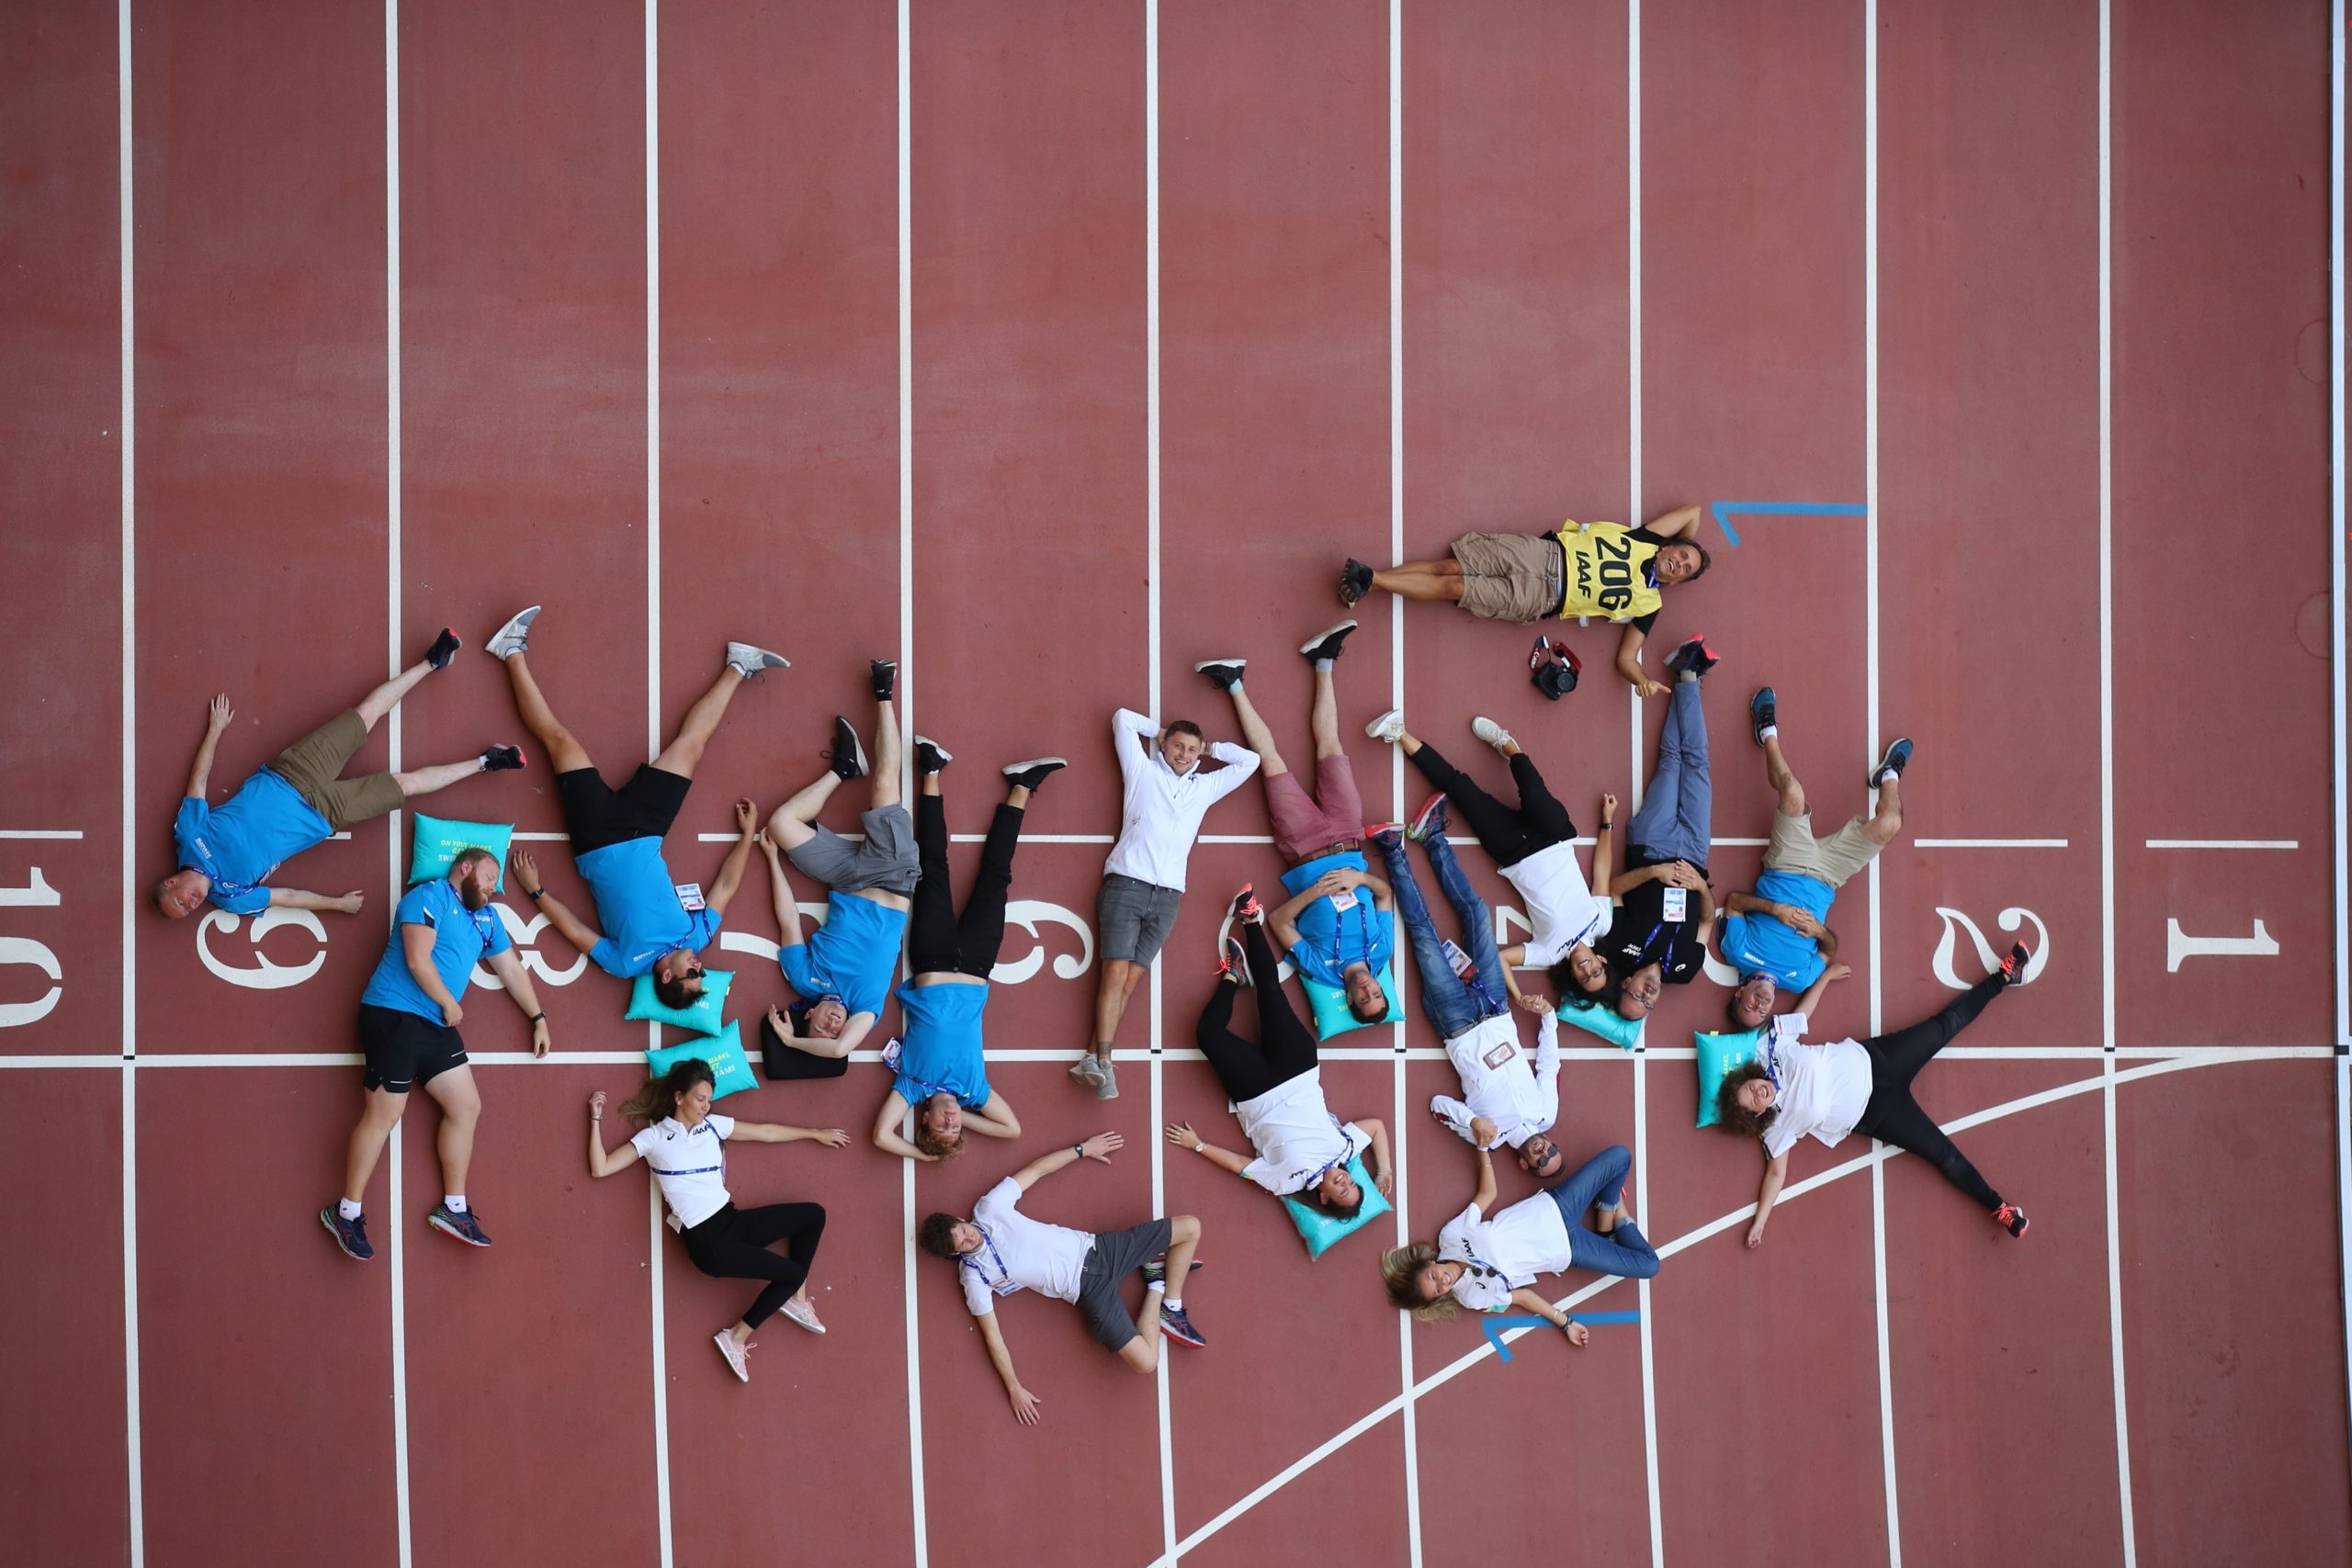 Ist Laufen ein universeller Sport?